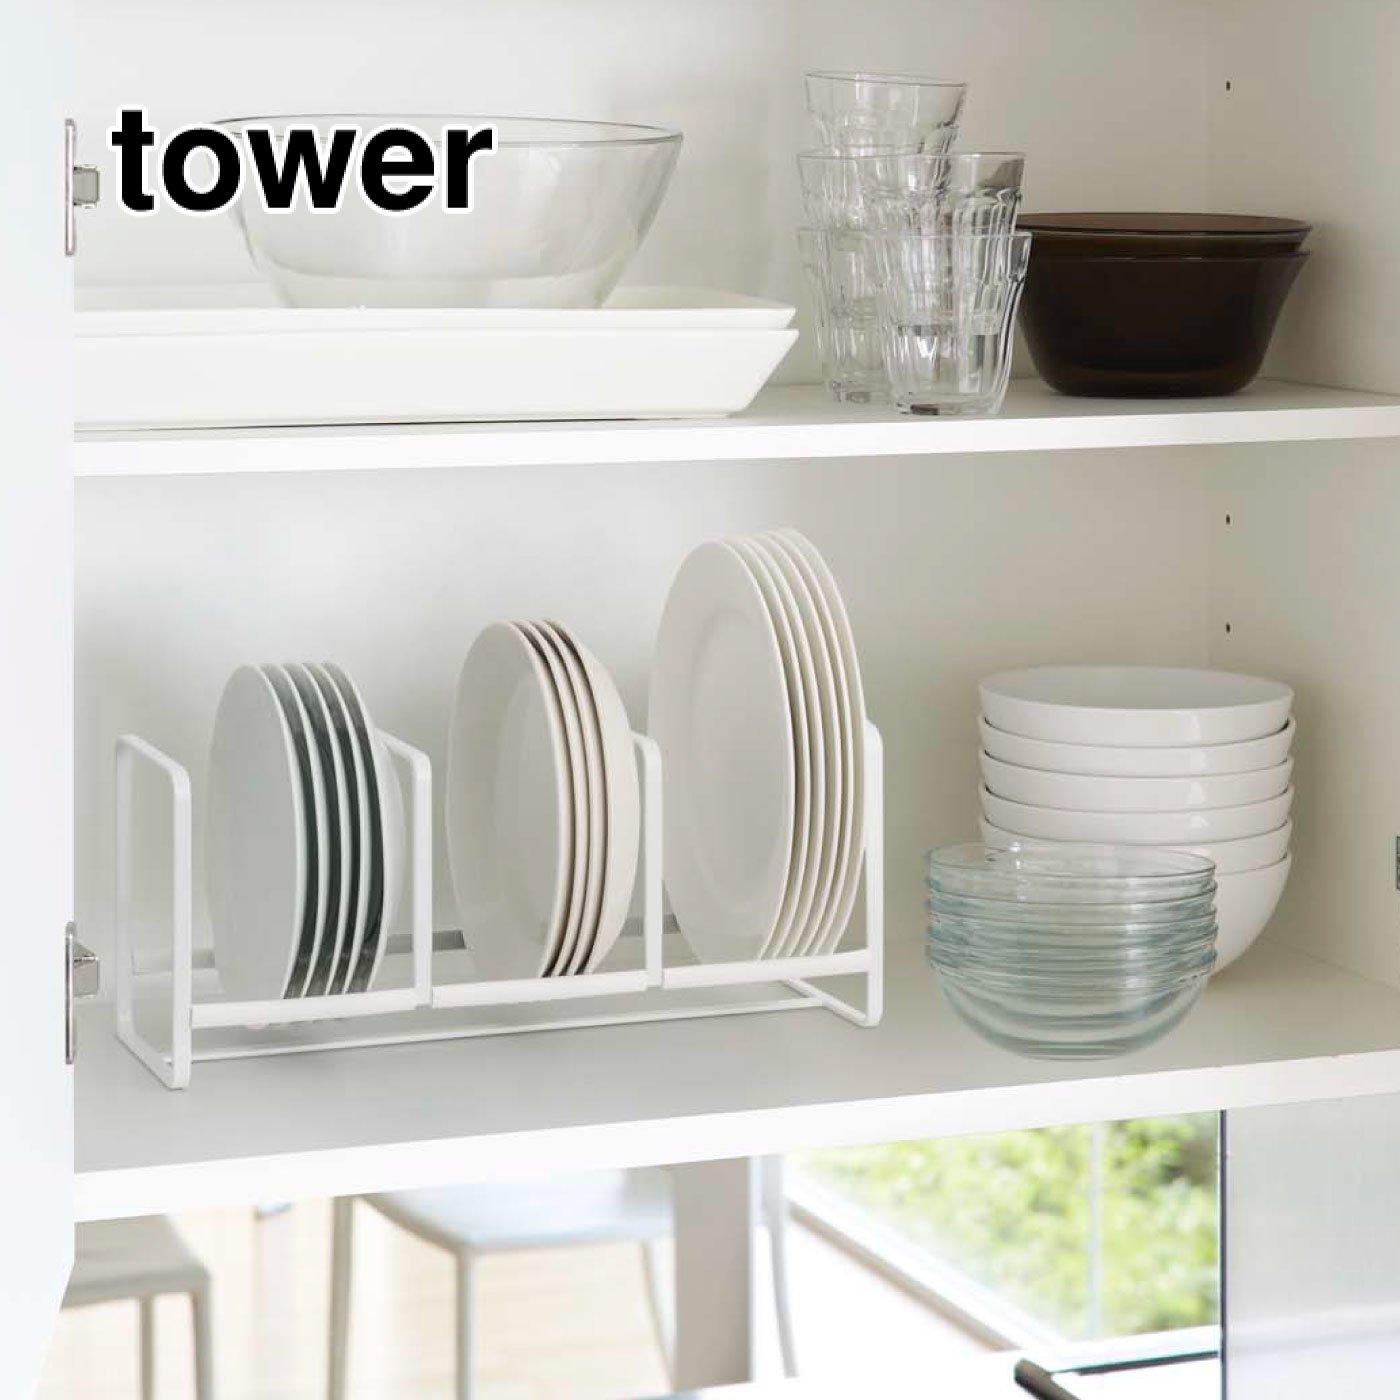 tower ディッシュラック ワイド Sサイズ